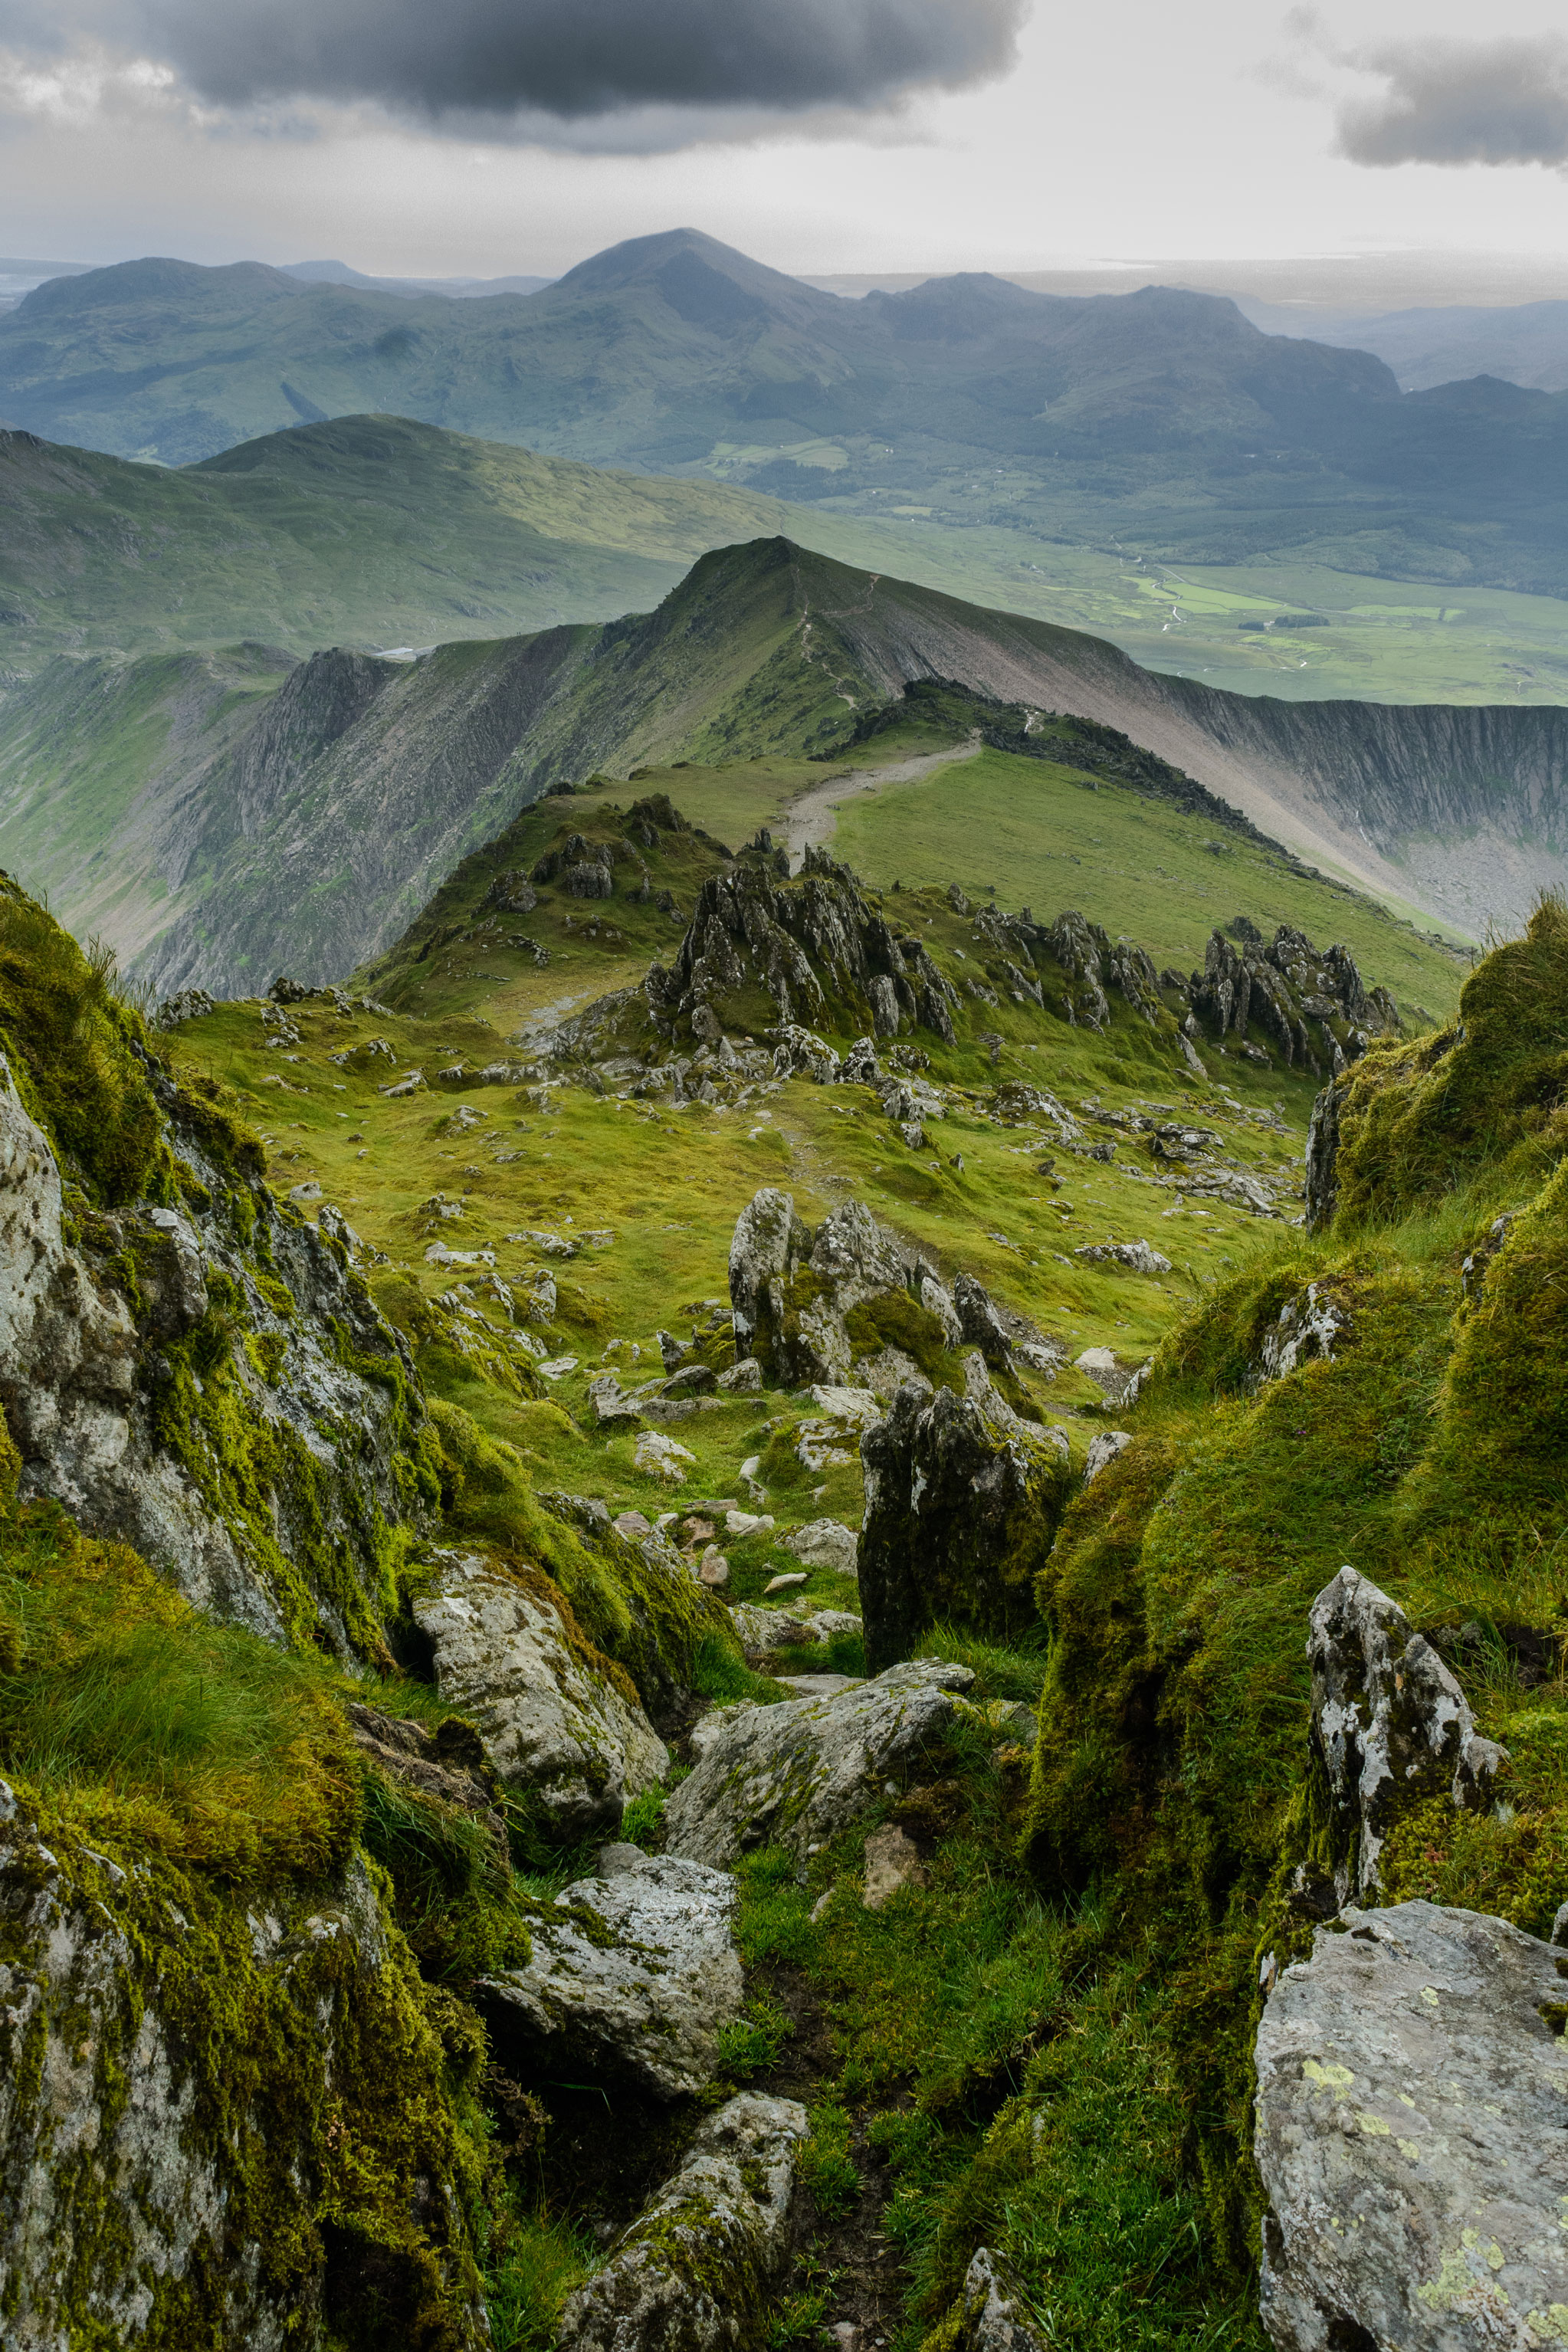 Der Skyline TRail über den Gipfeln von Snowdonia in Wales auf Seite 177 © Jamie Robinson/500px